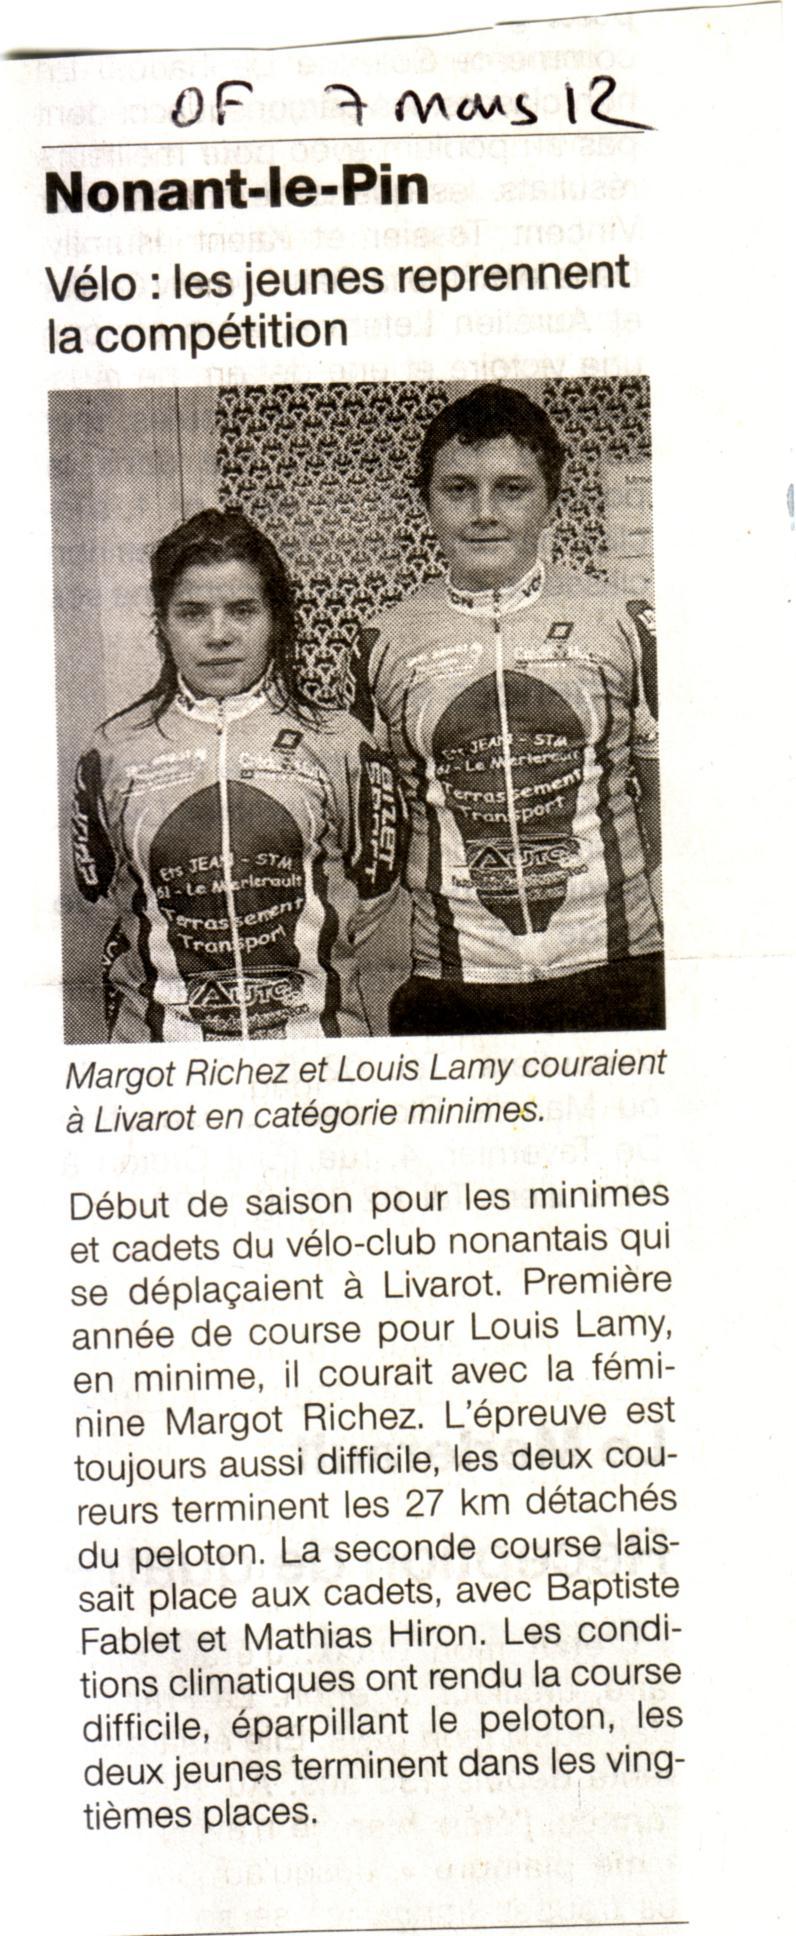 course à Livarot pour les minimes cadets Ouest-France 07 mars 12 Réveil Normand sport 07 mars 12